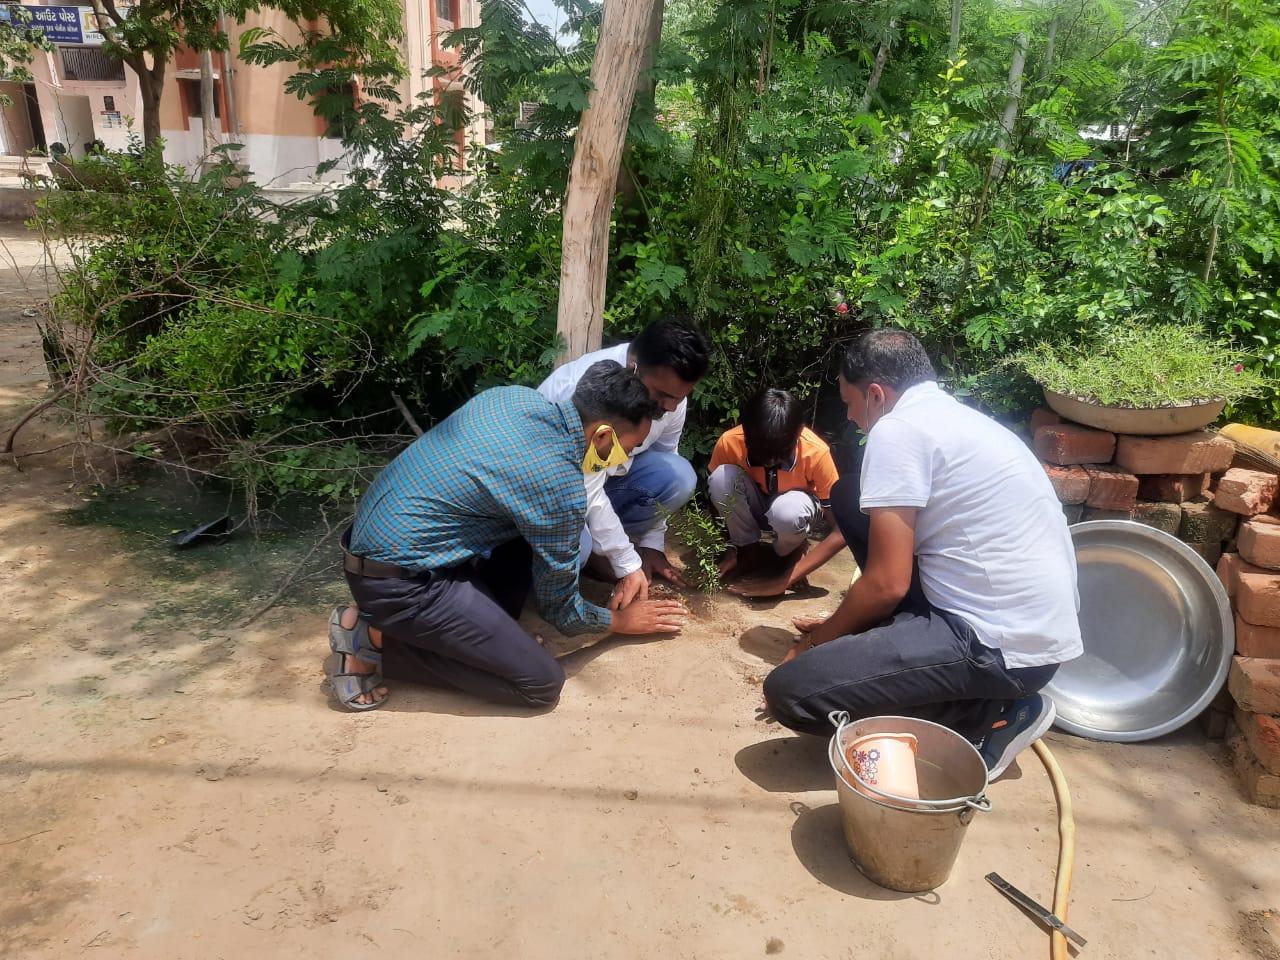 વૃક્ષારોપણના પ્રોજેક્ટમાં શિક્ષક, વાલીઓની બાળકોએ મદદ લીધી